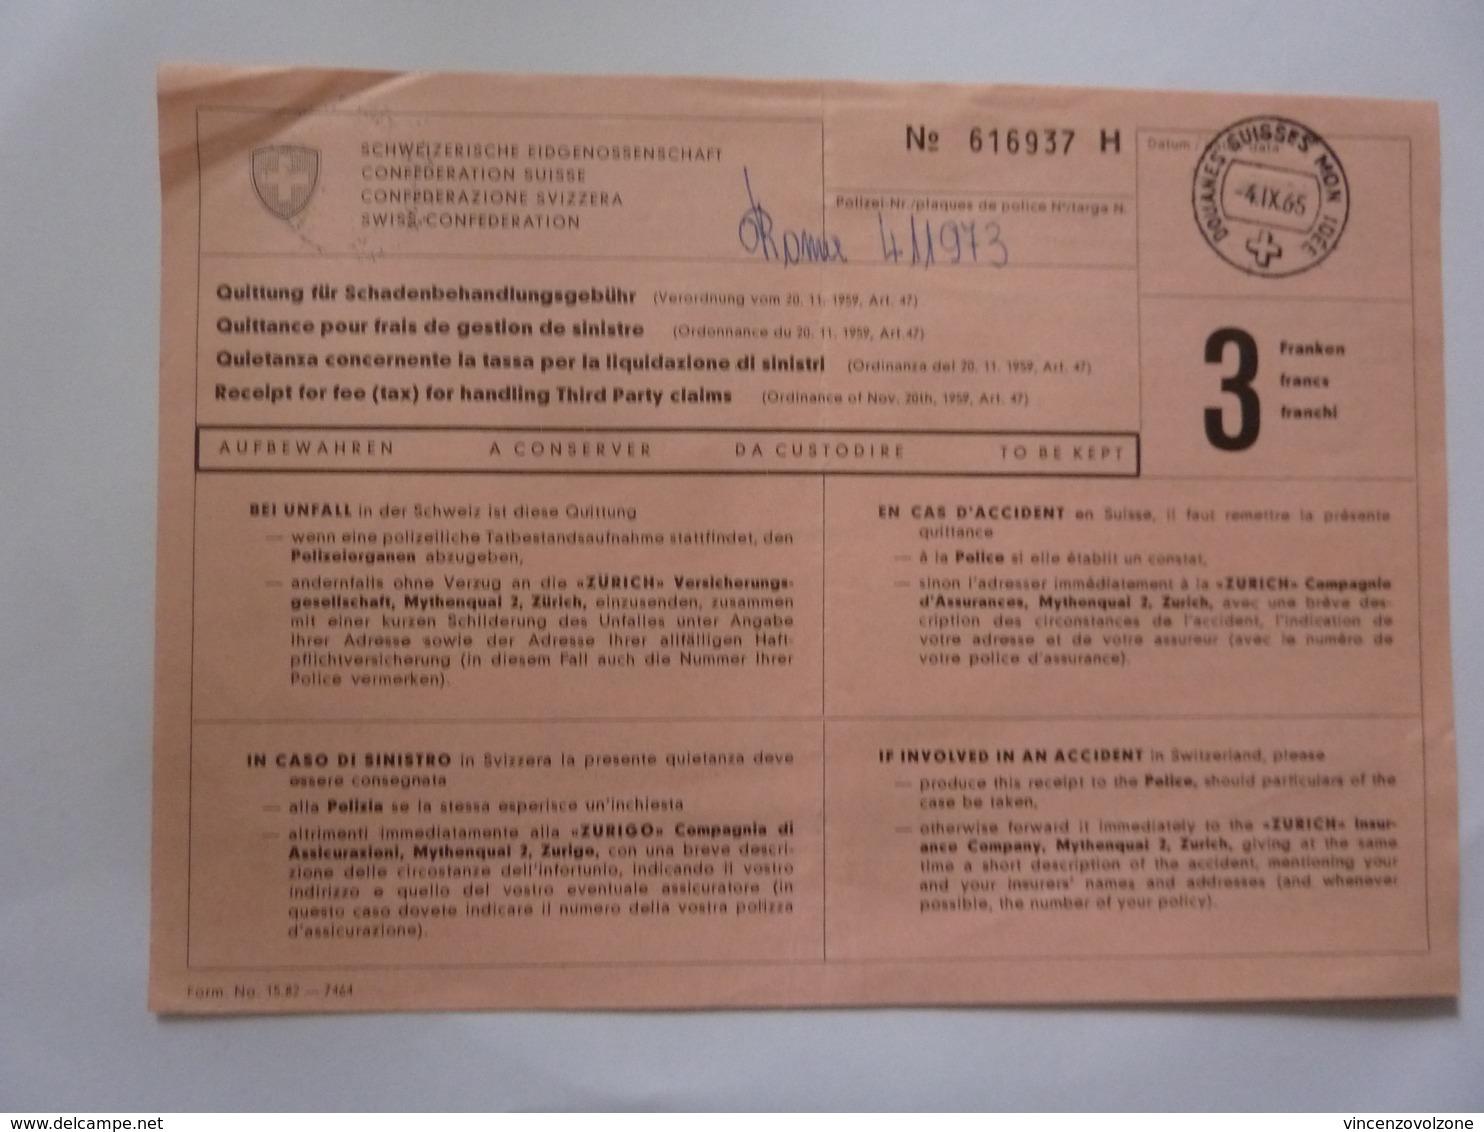 """Ricevuta """"QUIETANZA CONCERNENTE LA TASSA PER LA LIQUIDAZIONE DI SINISTRI"""" 1965 - Svizzera"""